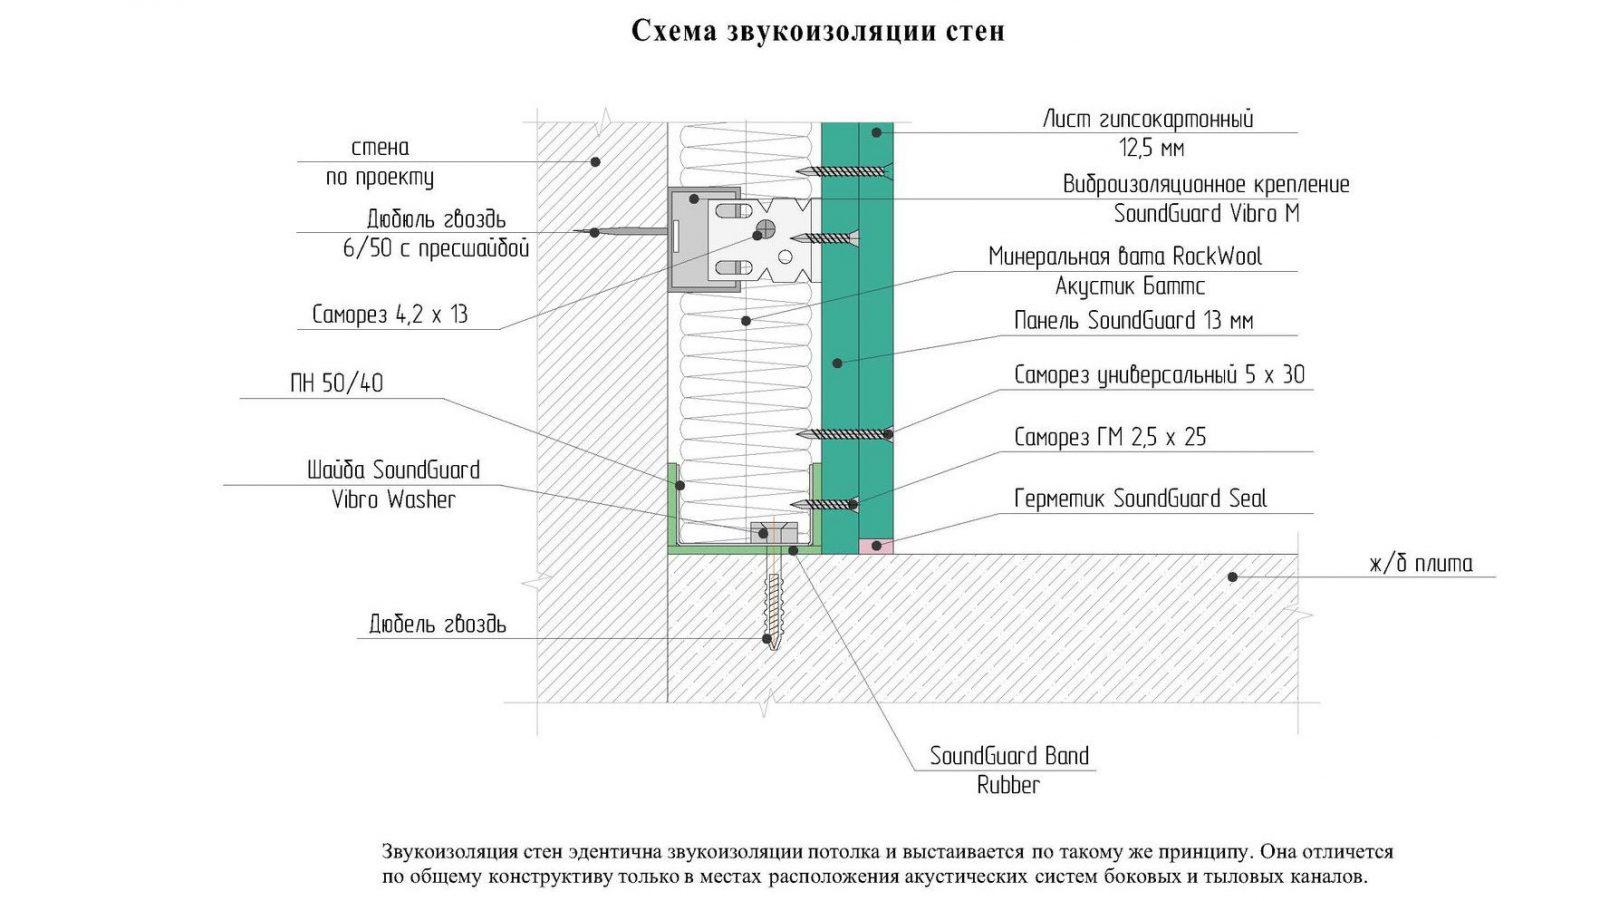 proekt_beresta_itogovyy_stranica_05